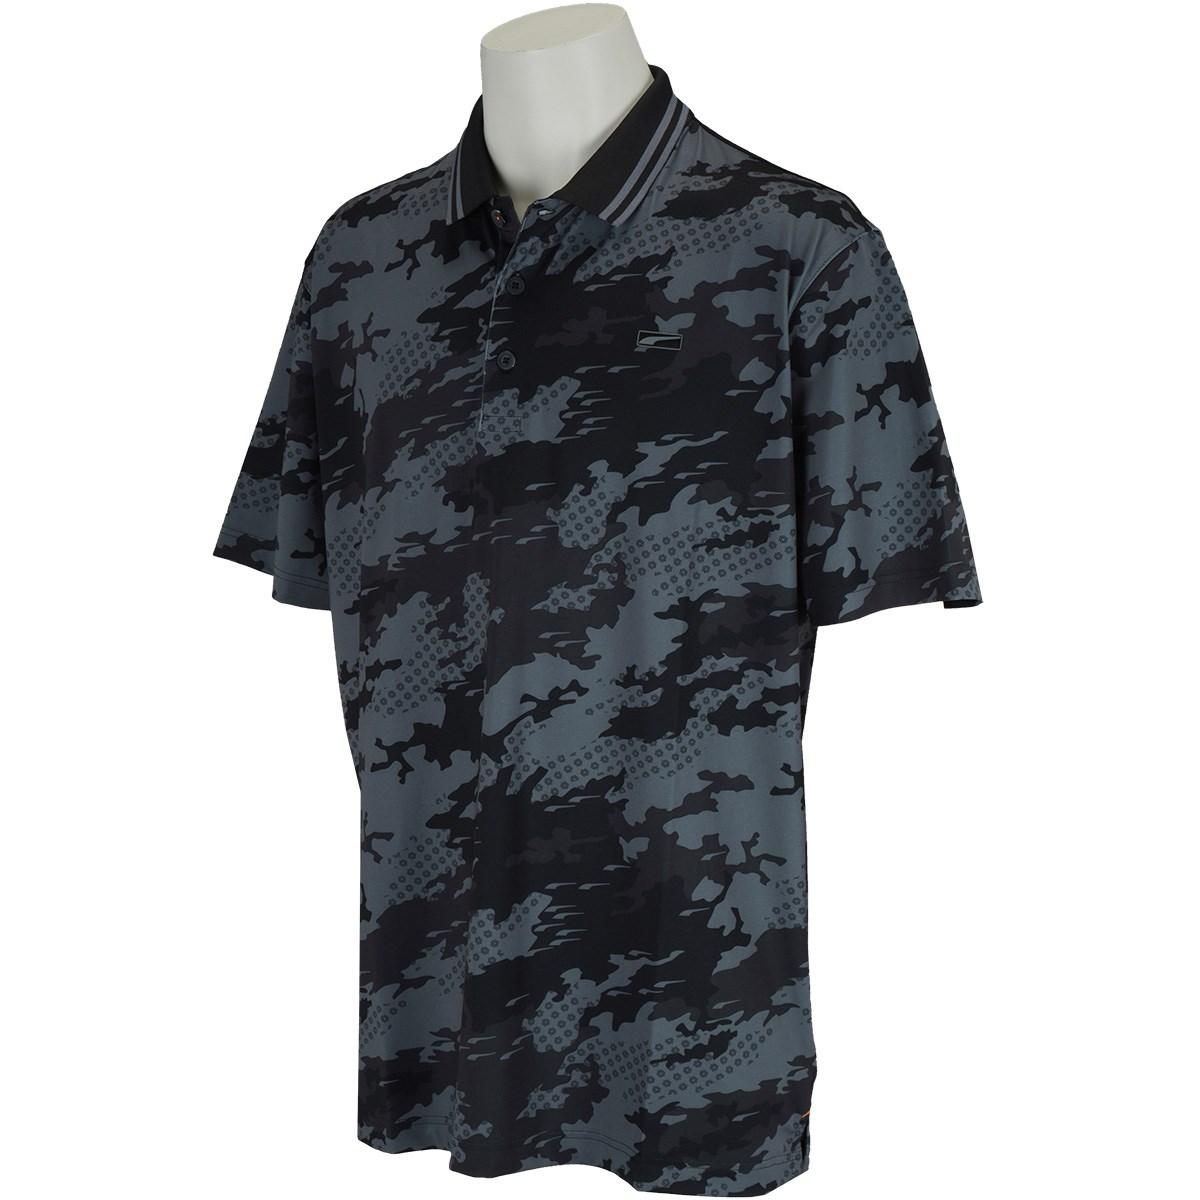 プーマ PUMA X カモフラージュ 半袖ポロシャツ XL プーマ ブラック 02 【USモデル】